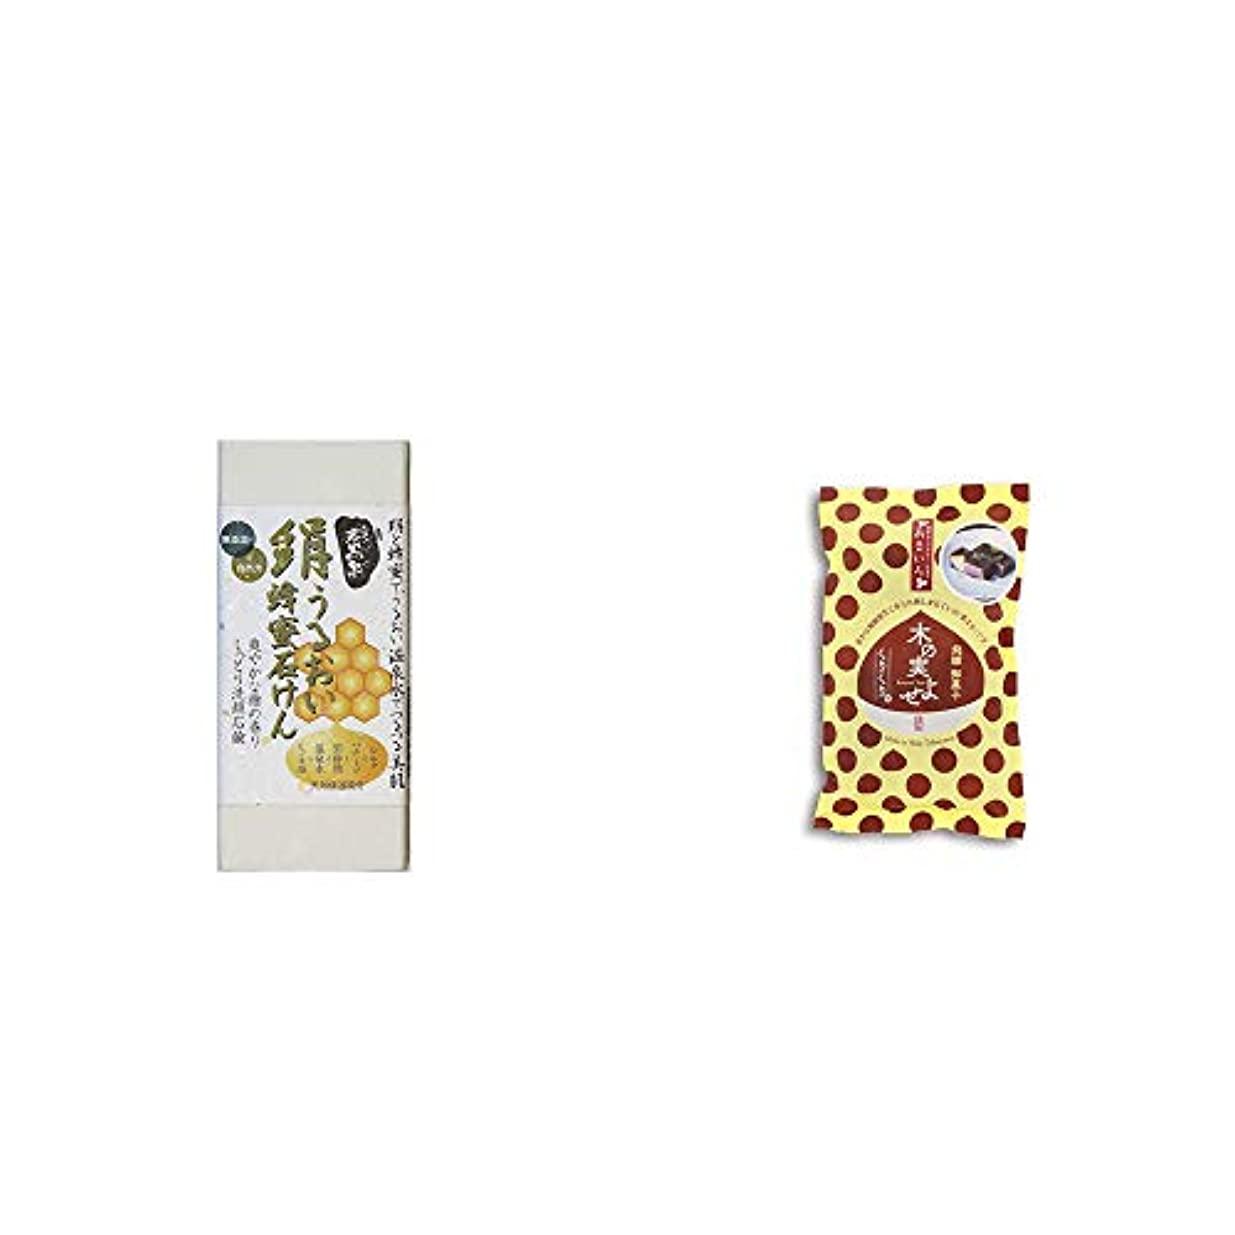 全能抑止する不明瞭[2点セット] ひのき炭黒泉 絹うるおい蜂蜜石けん(75g×2)?木の実よせ くりくり味(5個入)